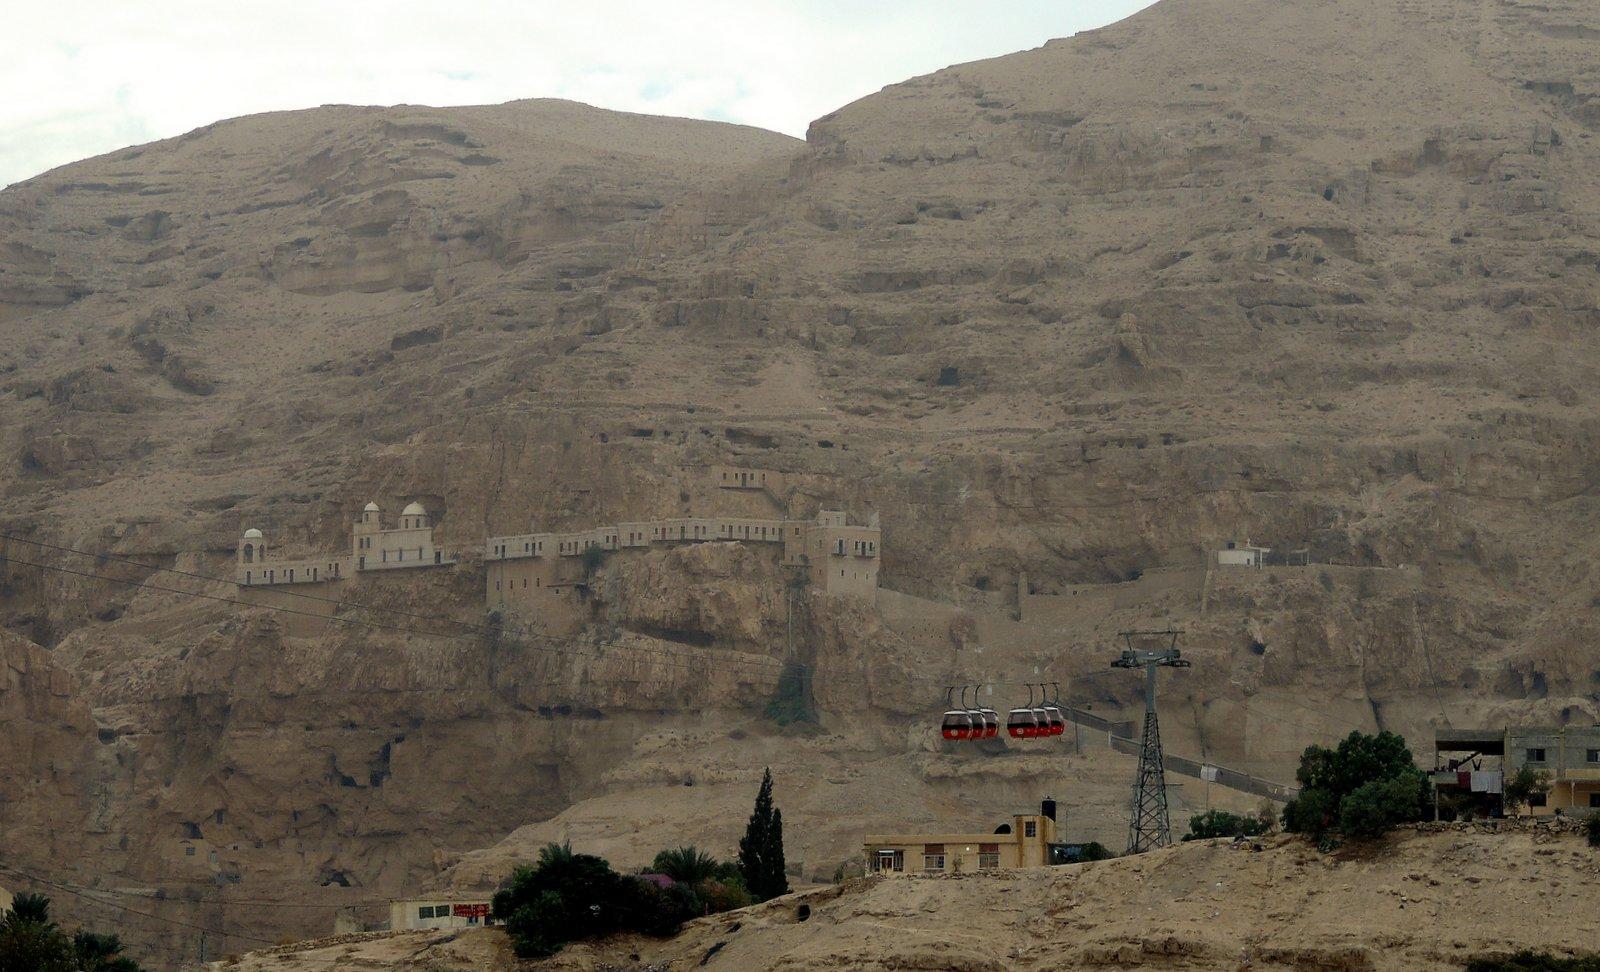 Kloster der Versuchung in Palästina